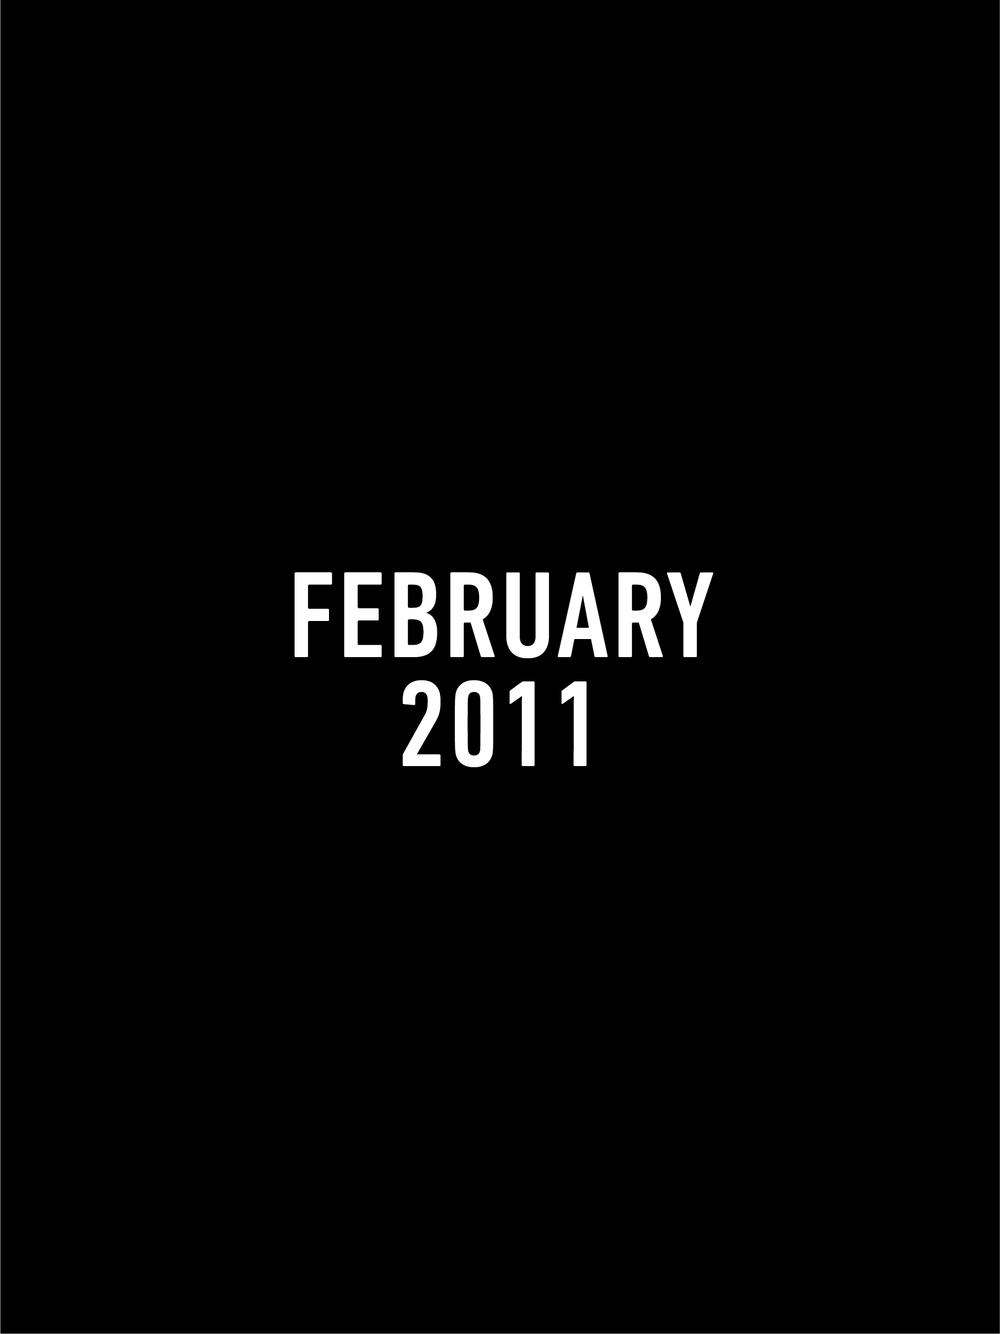 2011 months2.jpg